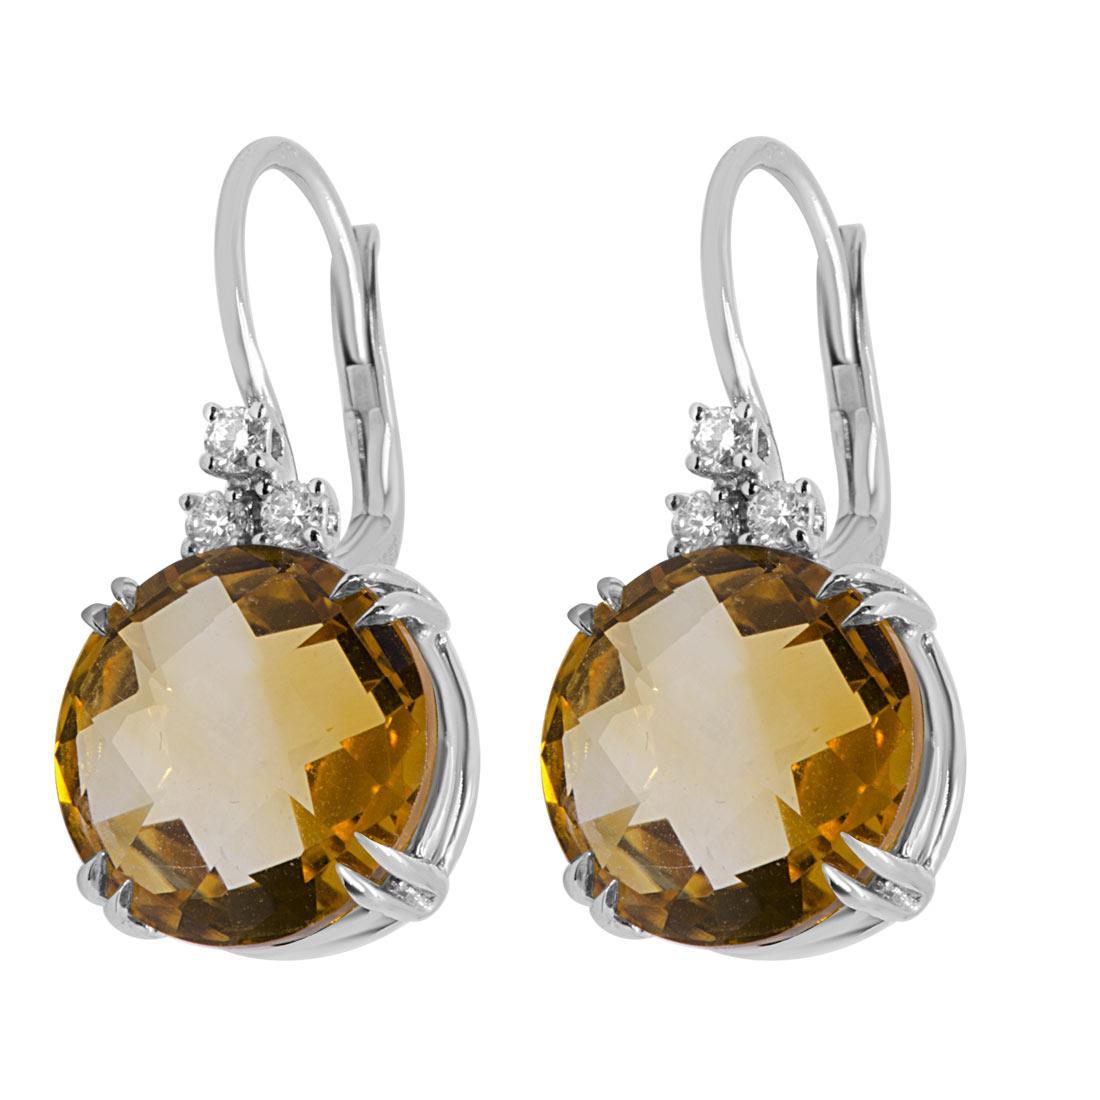 Orecchini in oro bianco e diamanti con pietra semipreziosa - ALFIERI & ST. JOHN